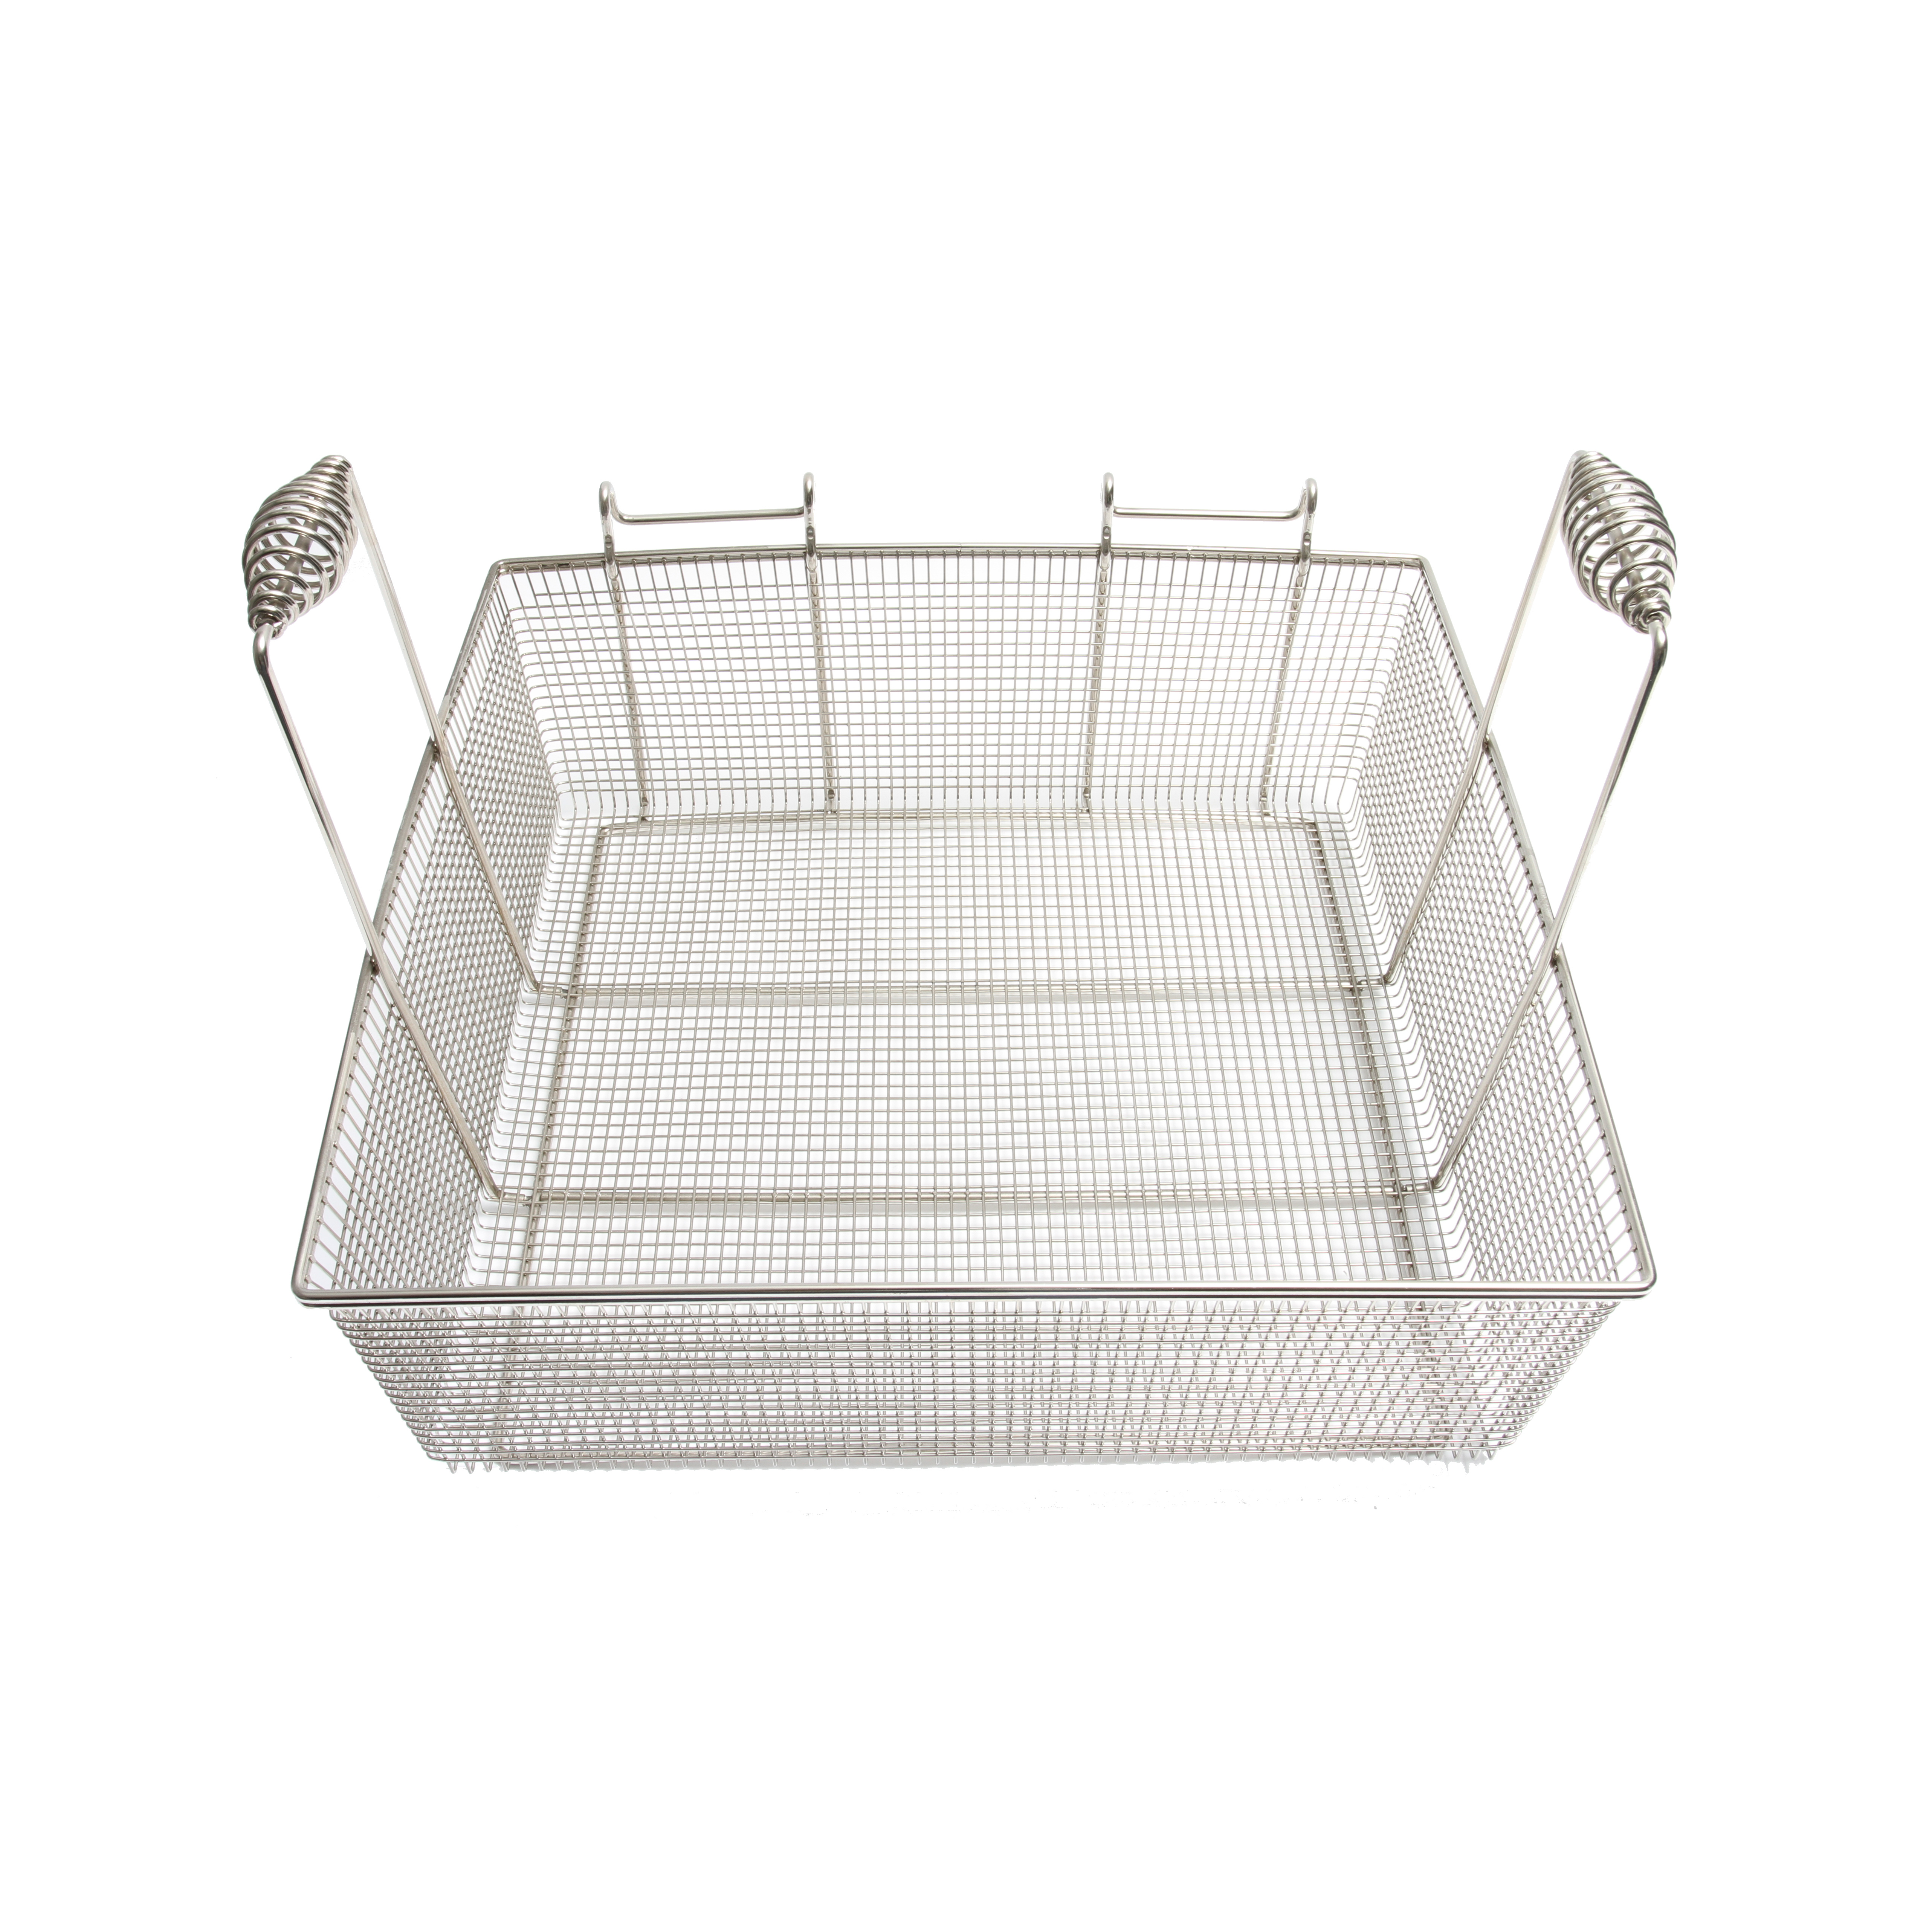 Frymaster 803-0148 fryer basket